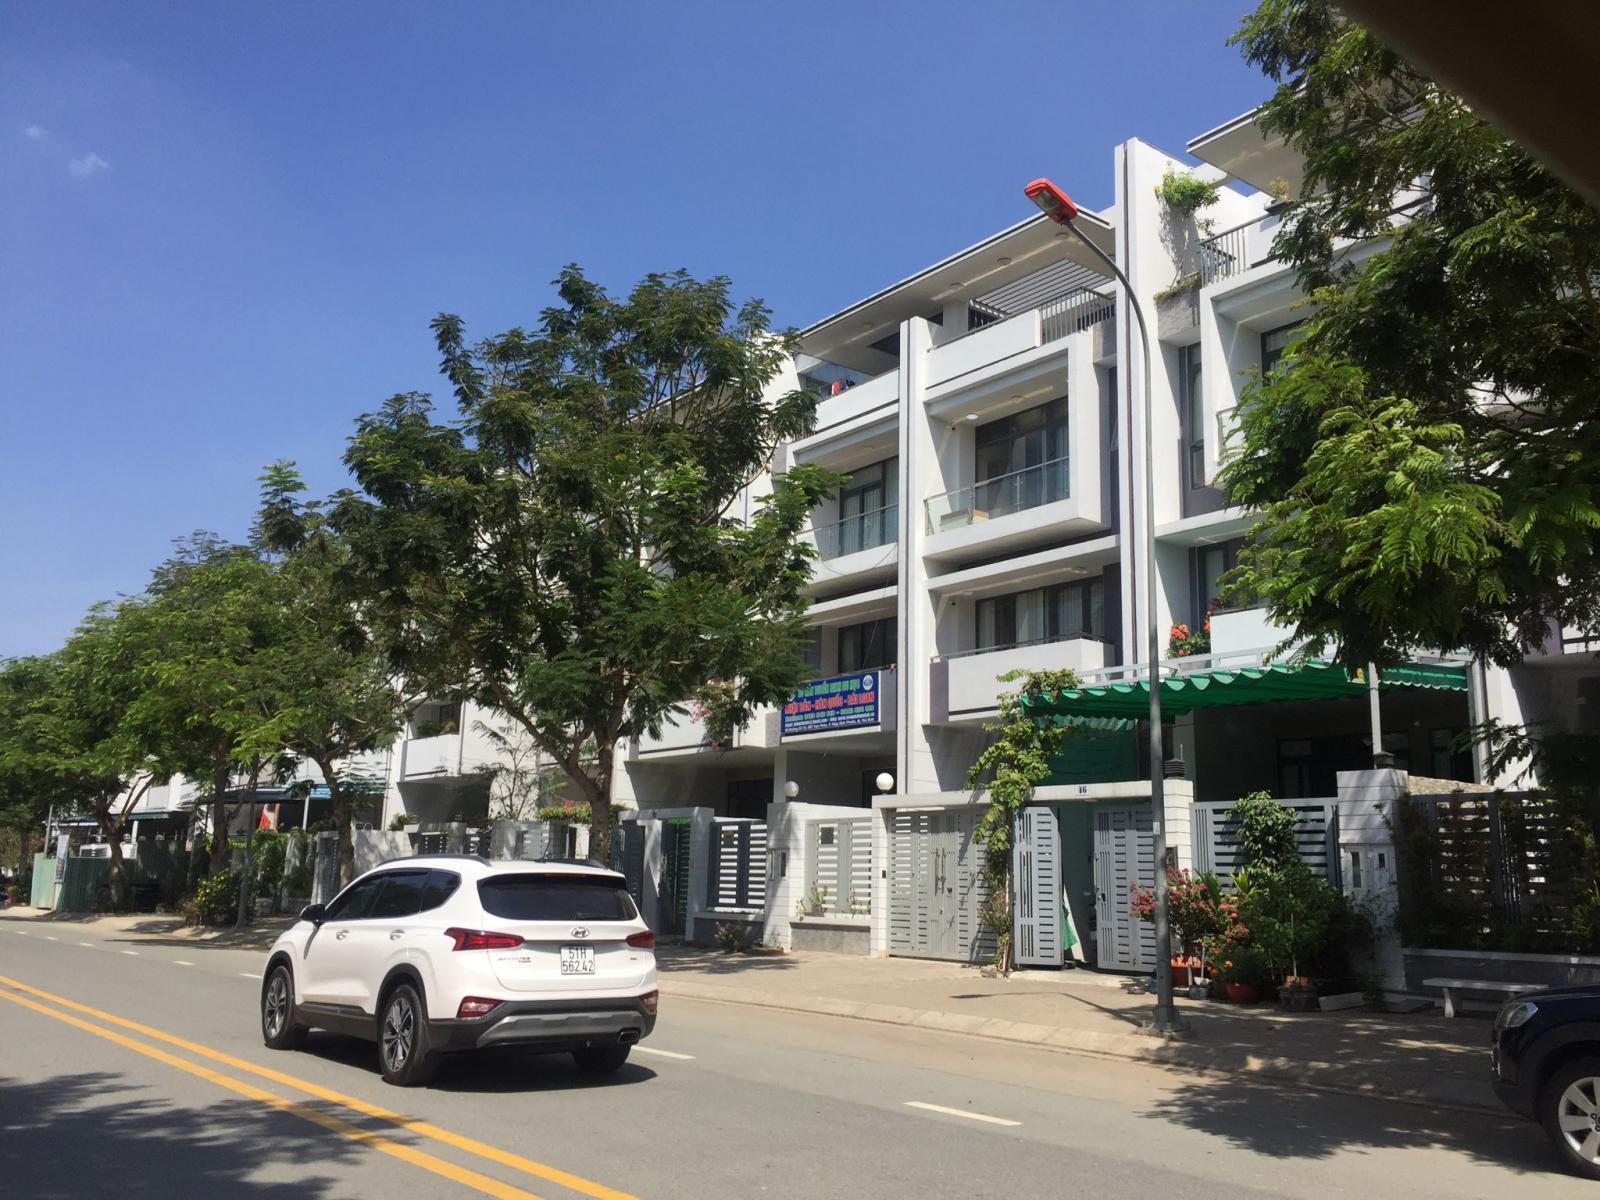 Dãy nhà phố liên kế trong một khu đô thị nằm cạnh đường lớn, ô tô màu trắng, hàng cây xanh.  Phải mất từ 1 đến 2 quý để thị trường bất động sản phục hồi sau dịch 20200417082345 1487